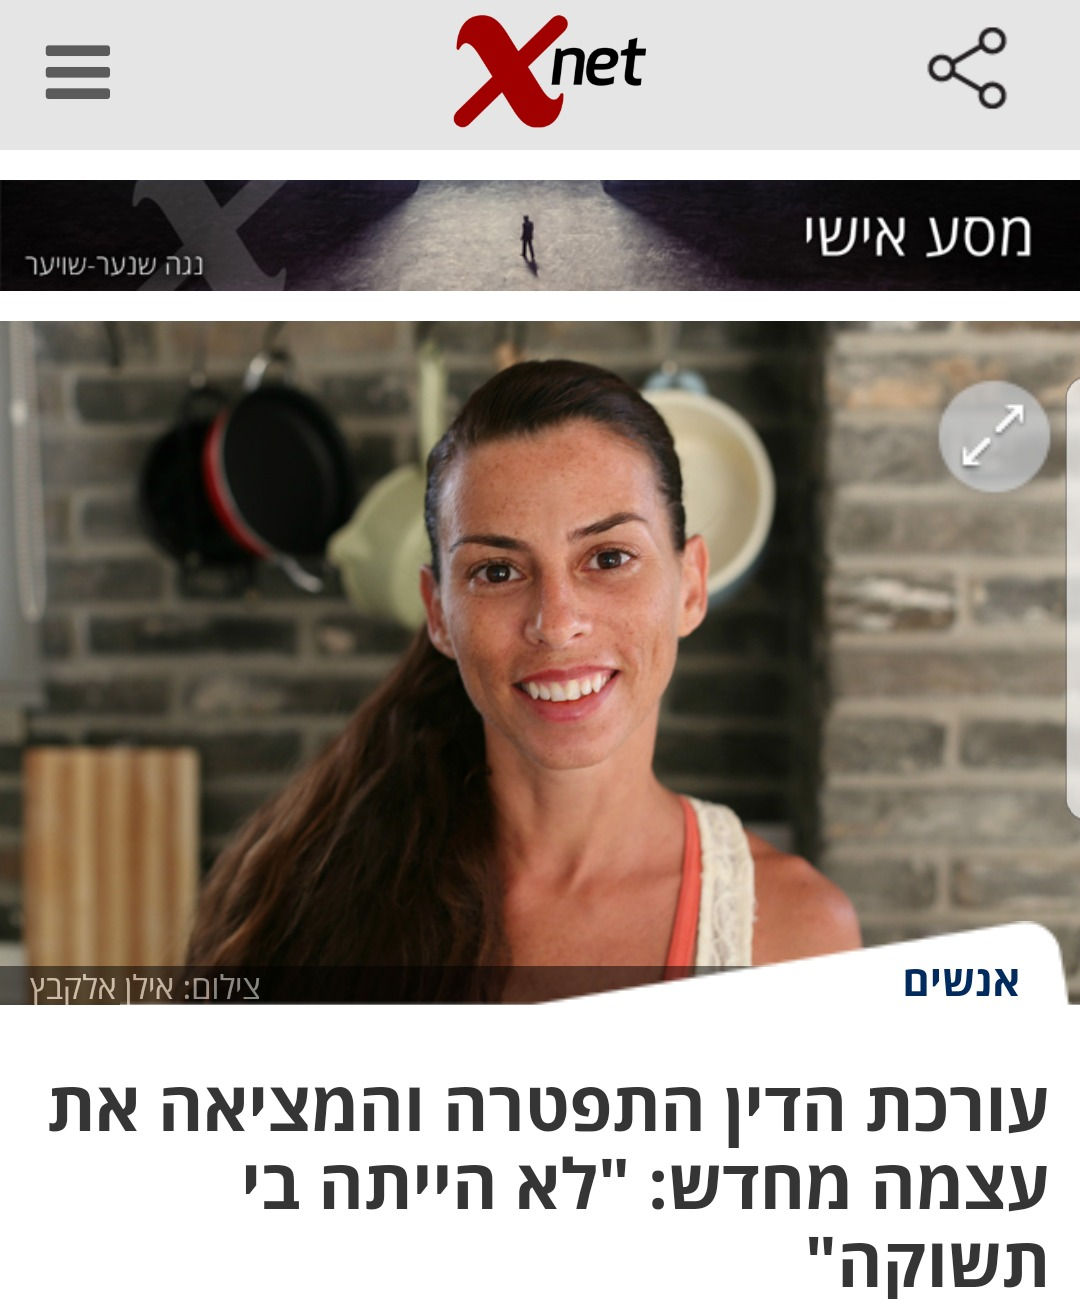 טליה הדר מהבלוג אשת סטייל_ynet_XNET